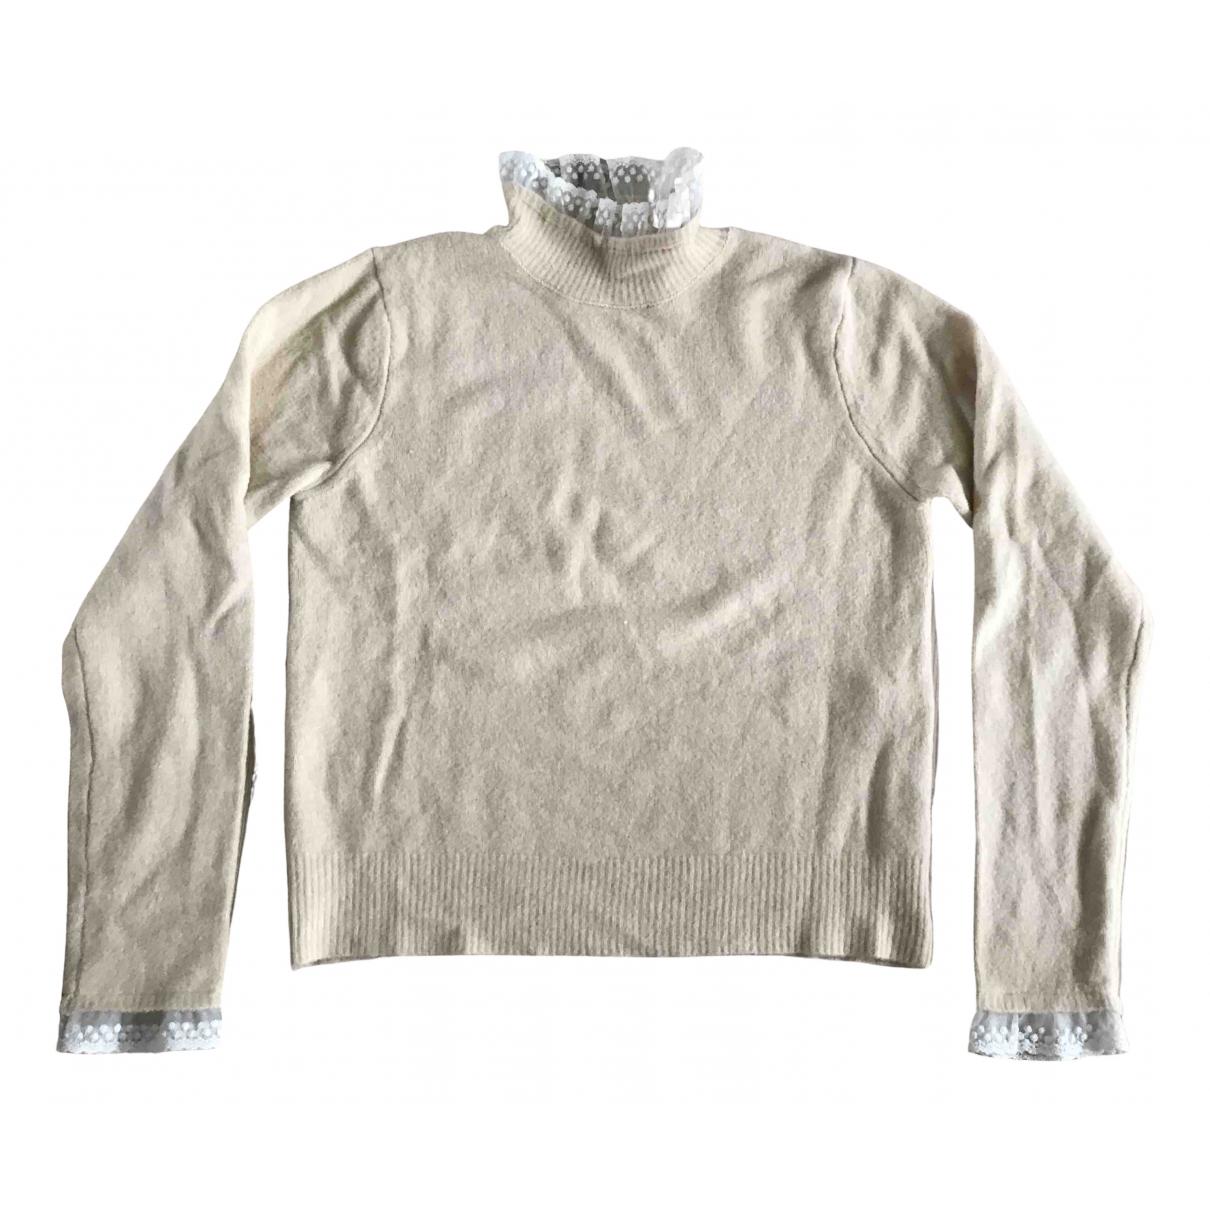 Zara \N Beige Knitwear for Women S International